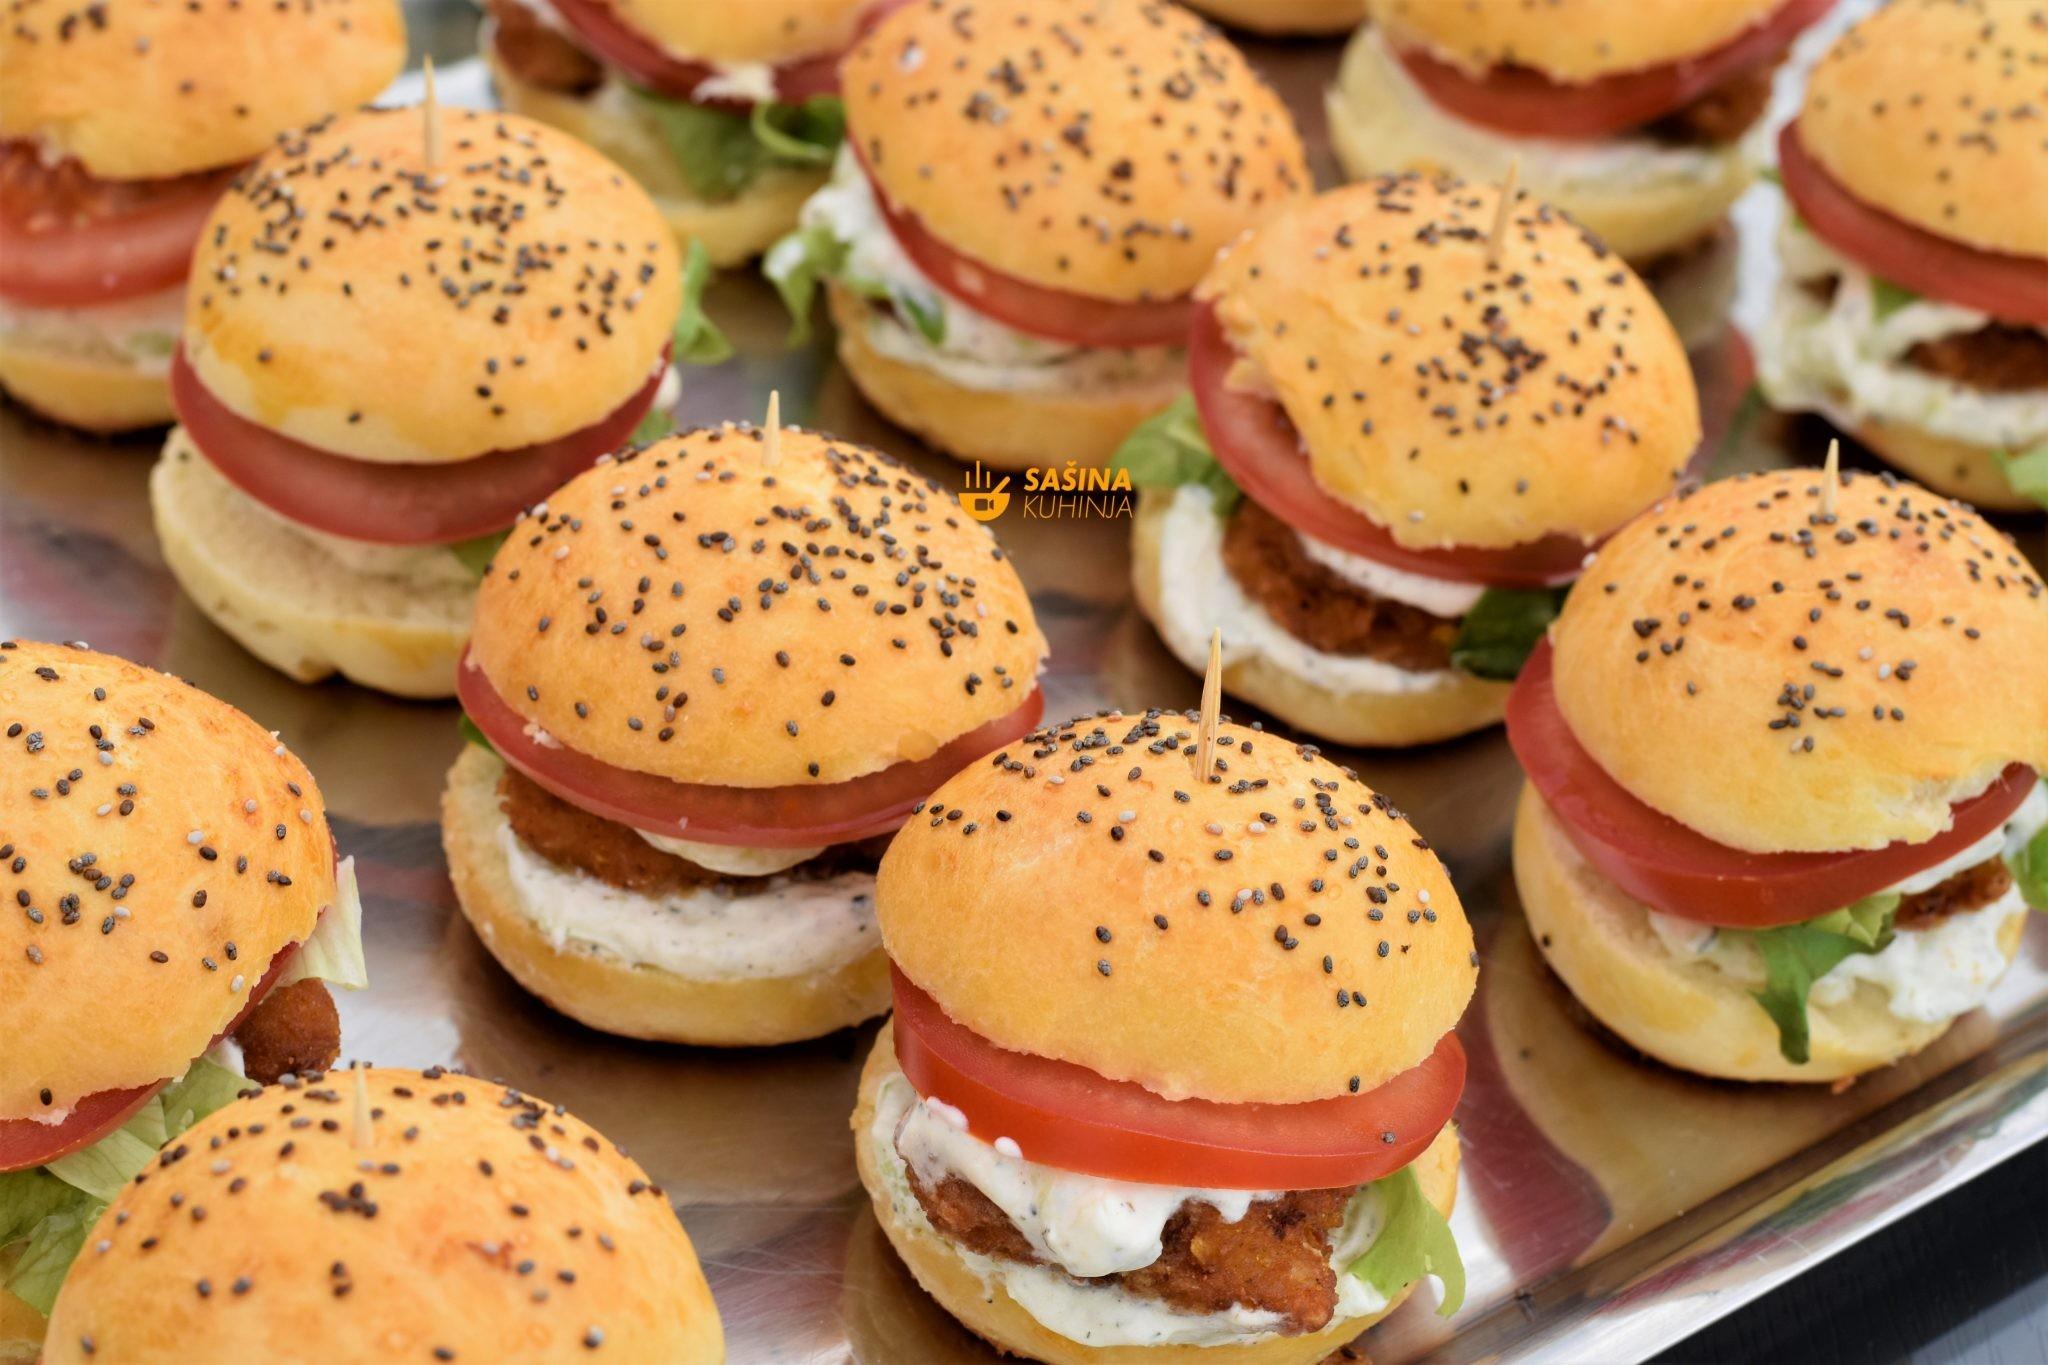 brzi grčki sendviči sa piletinom i tzatziki umak